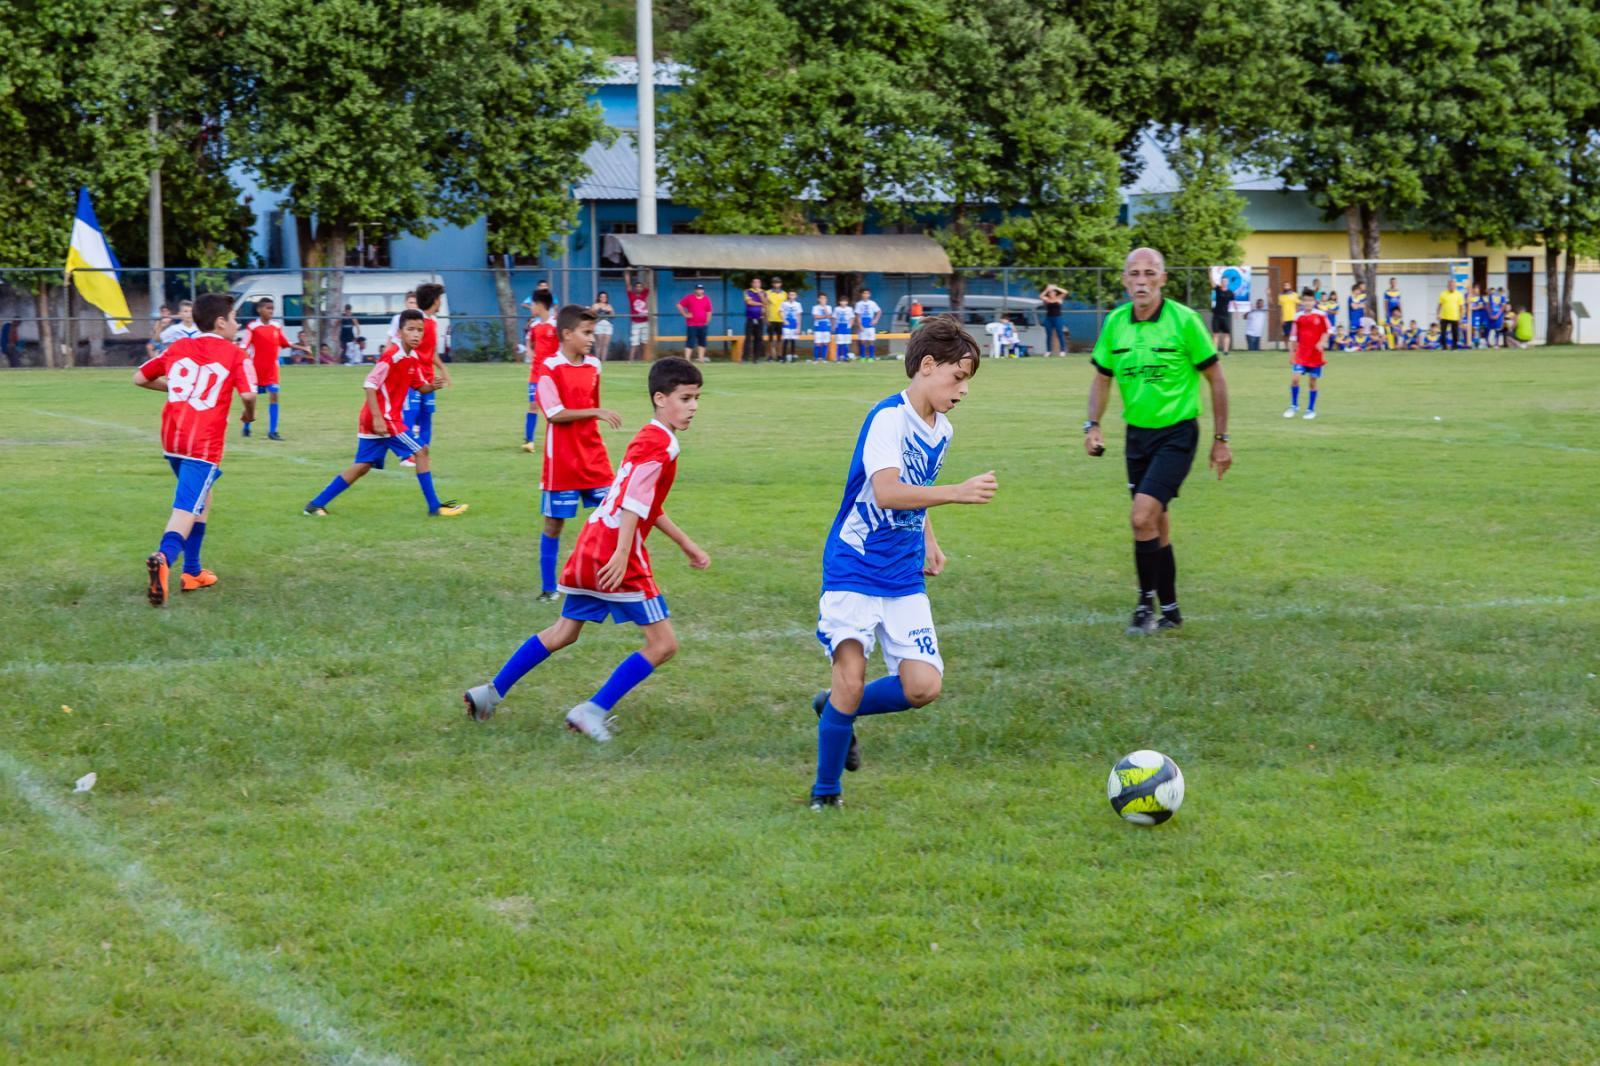 Placar dos jogos das Finais Gerais da 43ª Copa A Gazetinha em Itarana